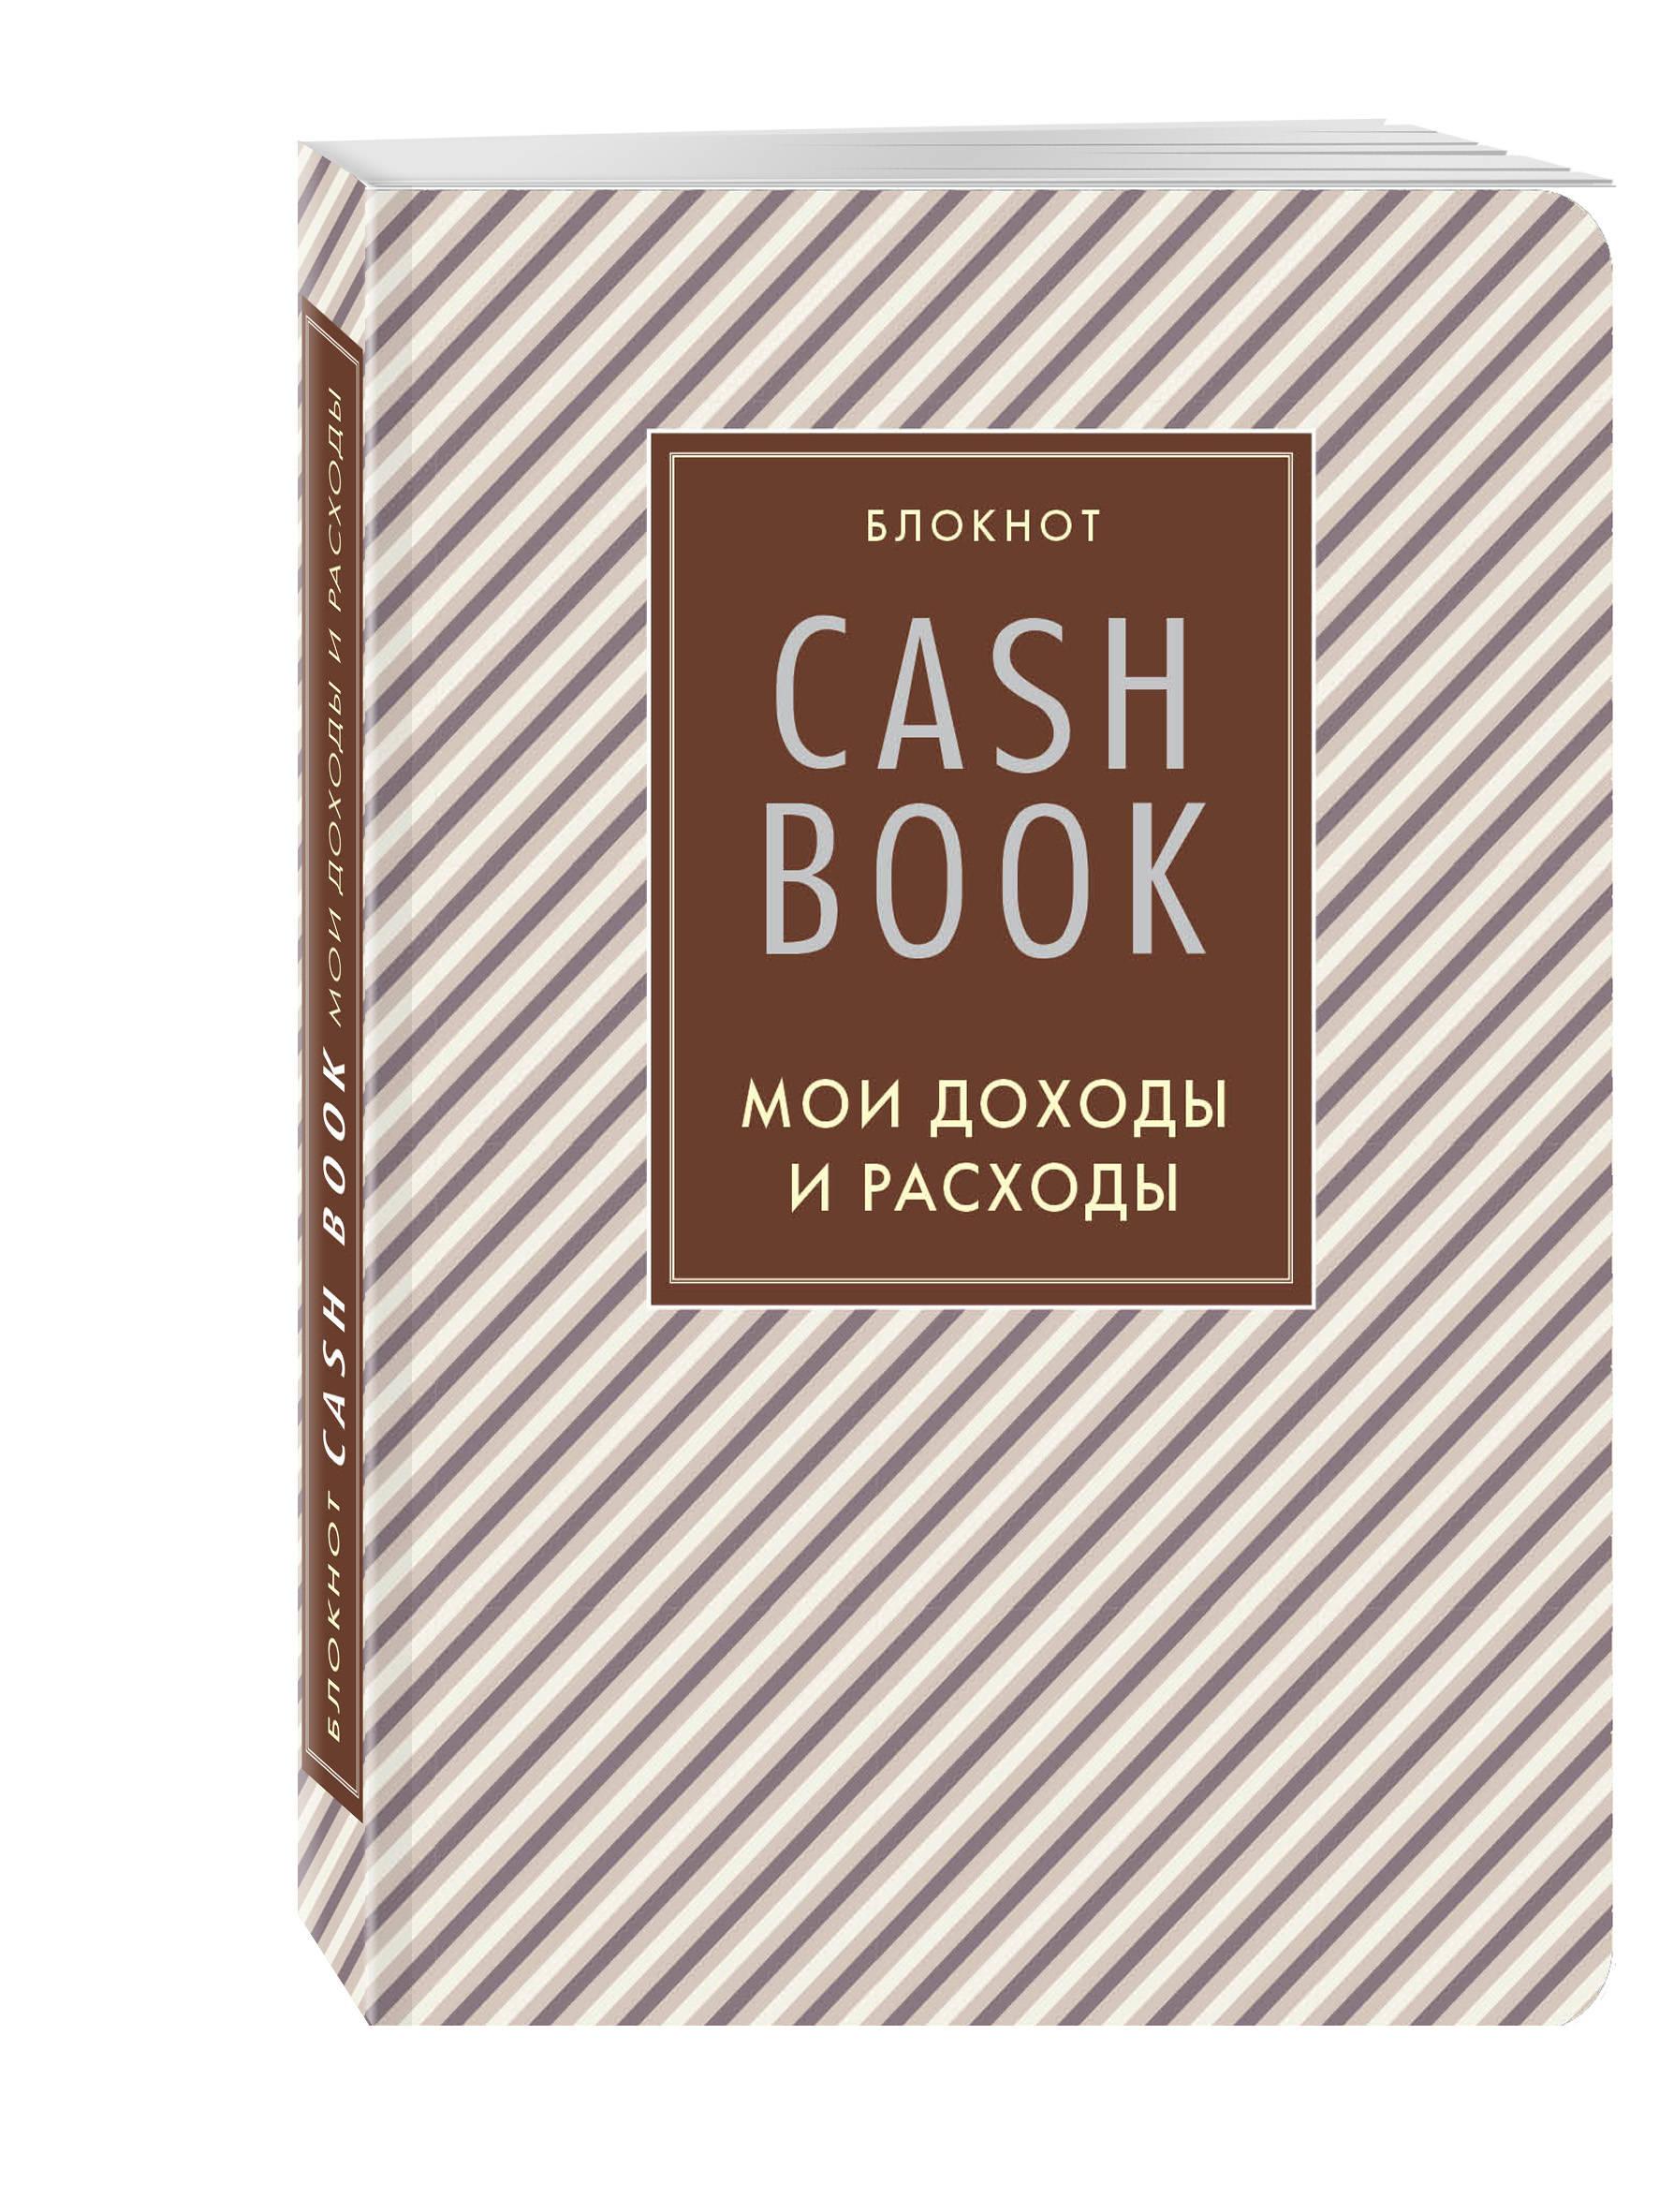 CashBook. Мои доходы и расходы. 4-е издание, 5-е оформление большой cashbook мои доходы и расходы stars